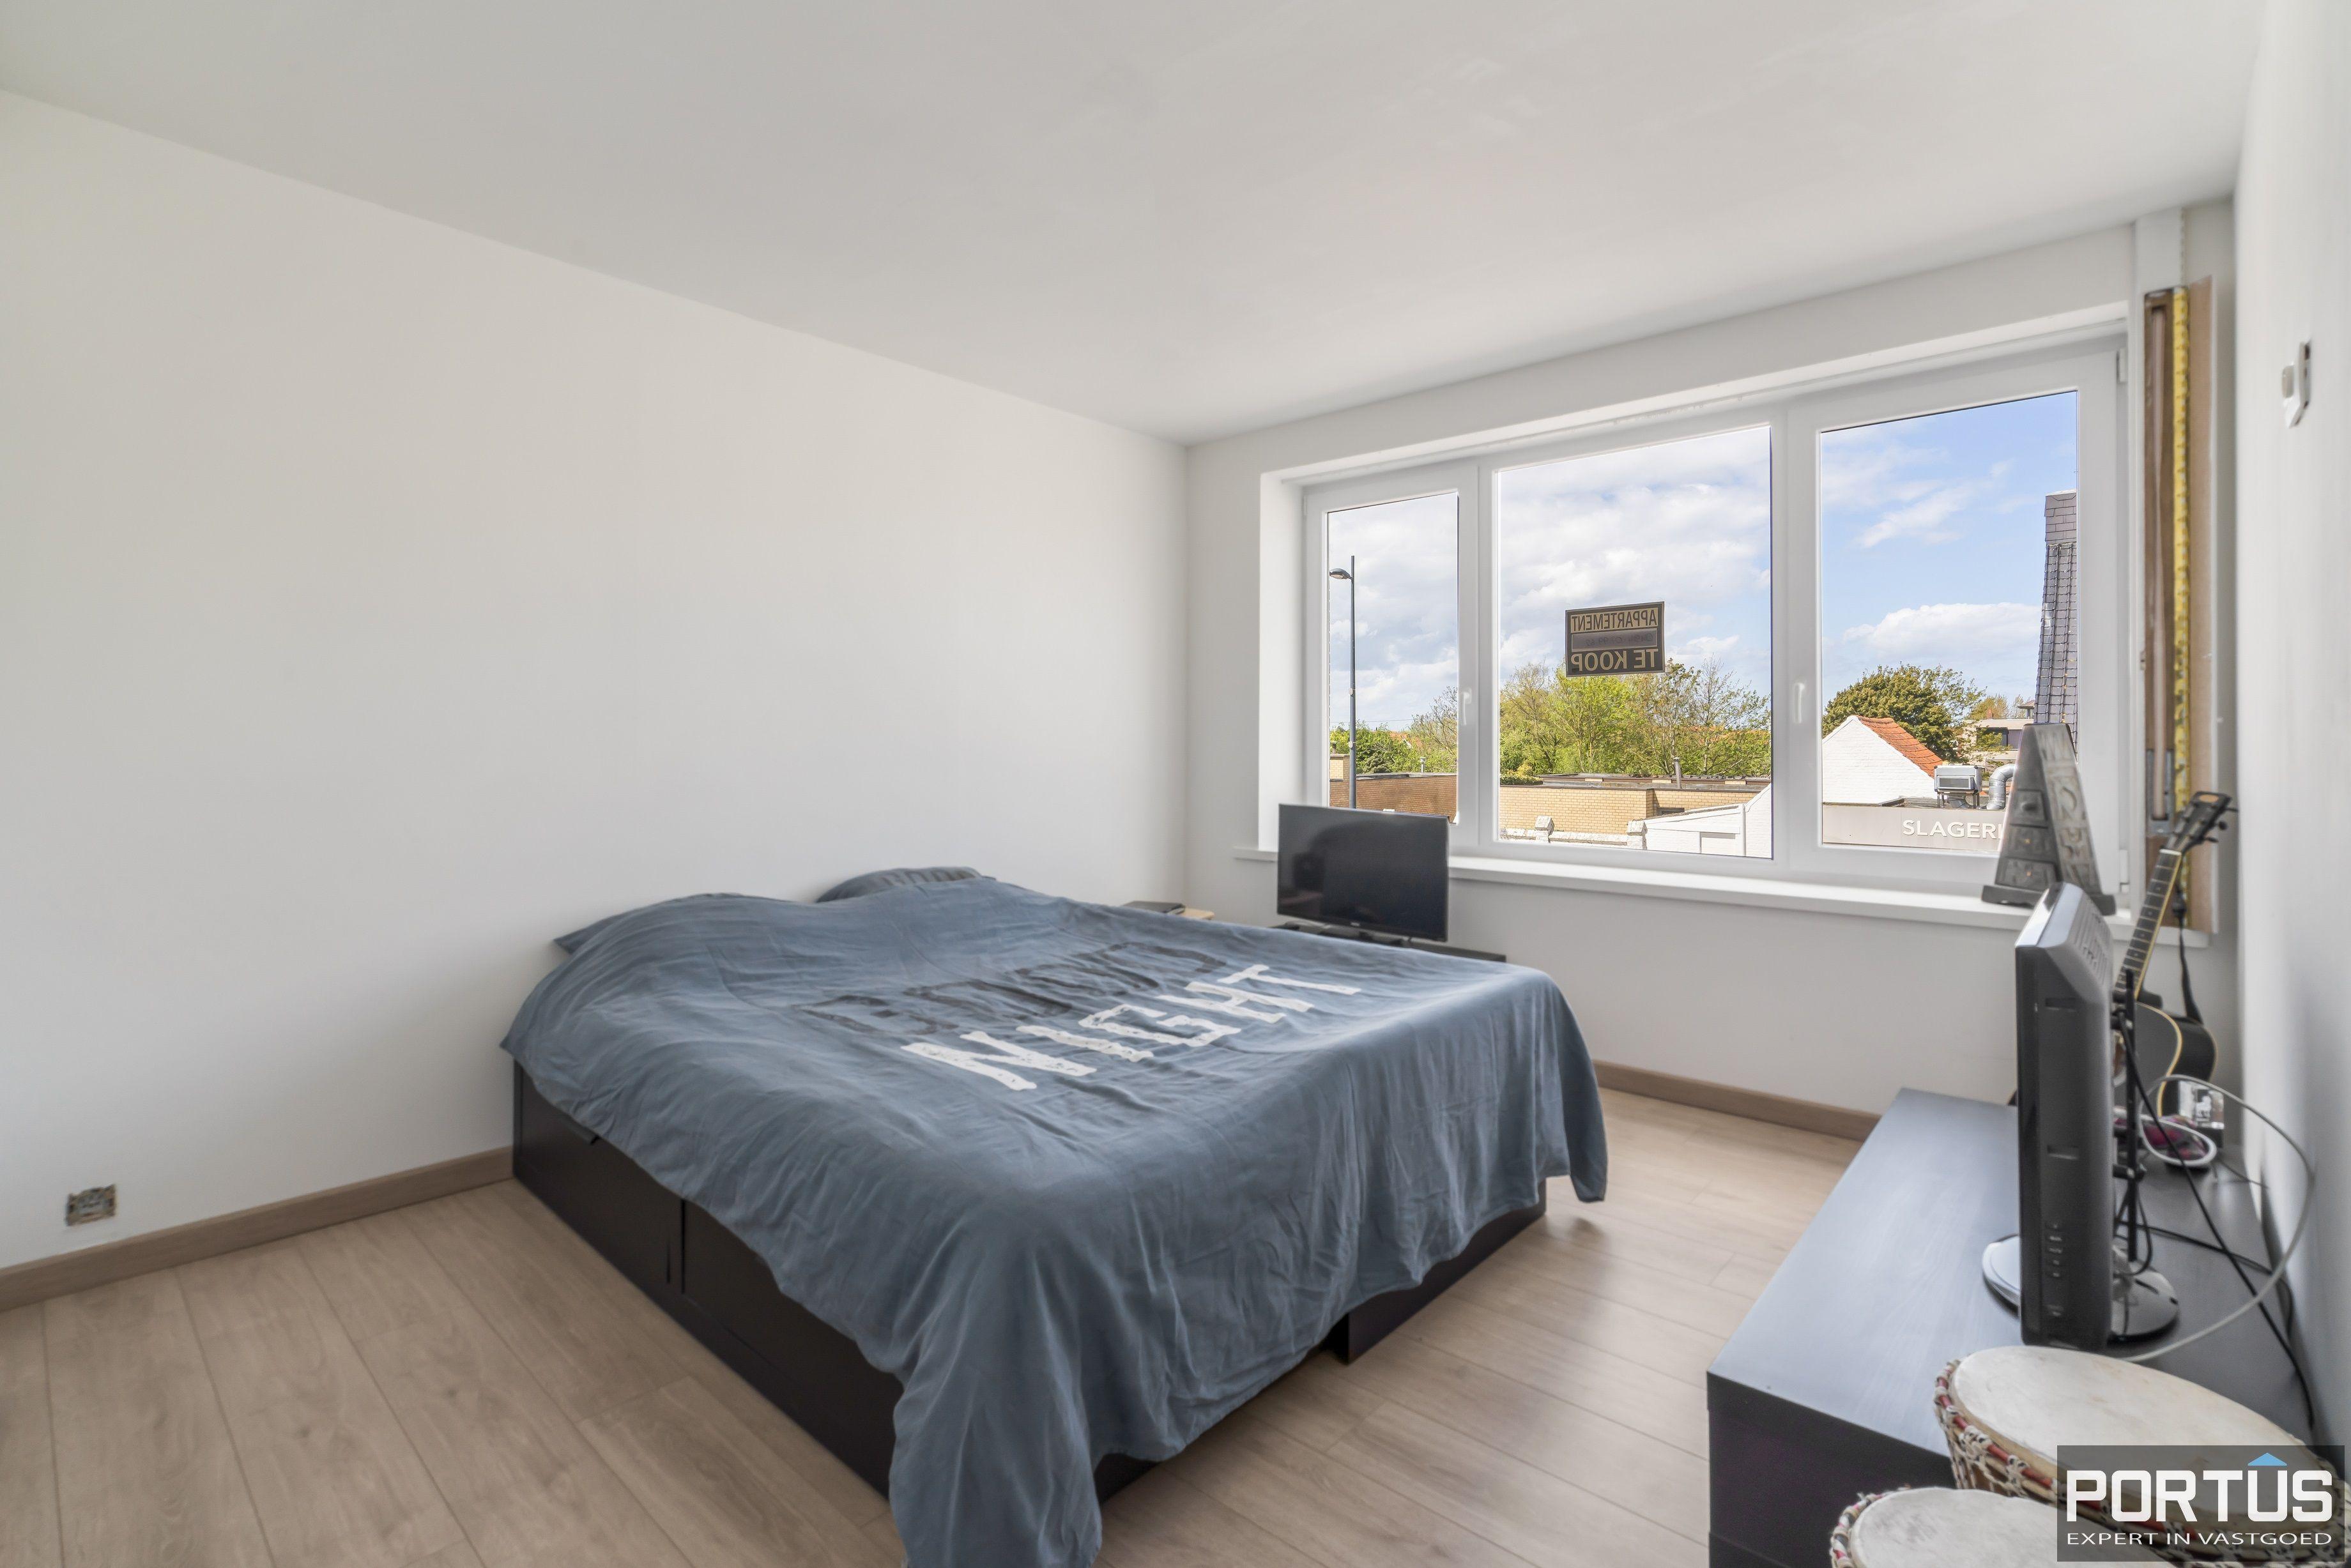 Appartement met 3 slaapkamers te koop te Westende - 12870